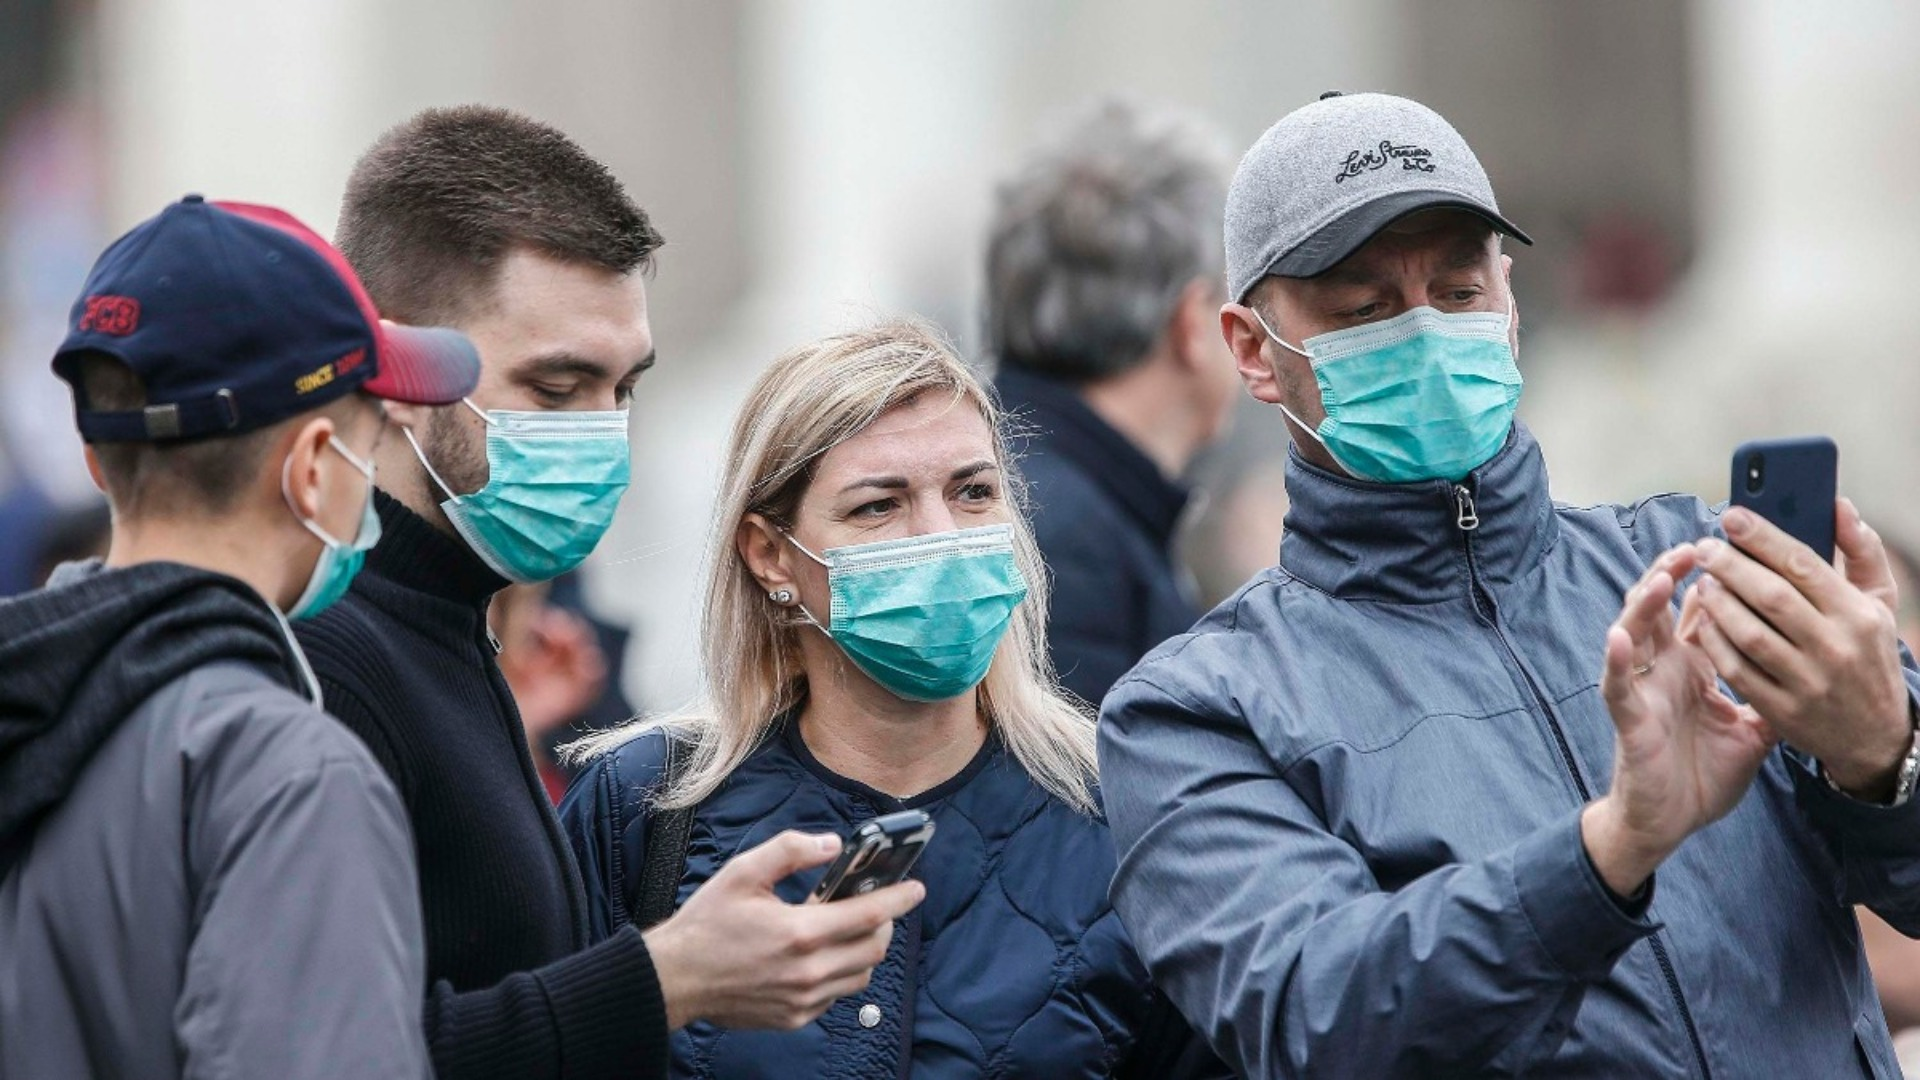 #ReporteCoronavirus | Las 7 noticias más importantes de la mañana de este #25Mar